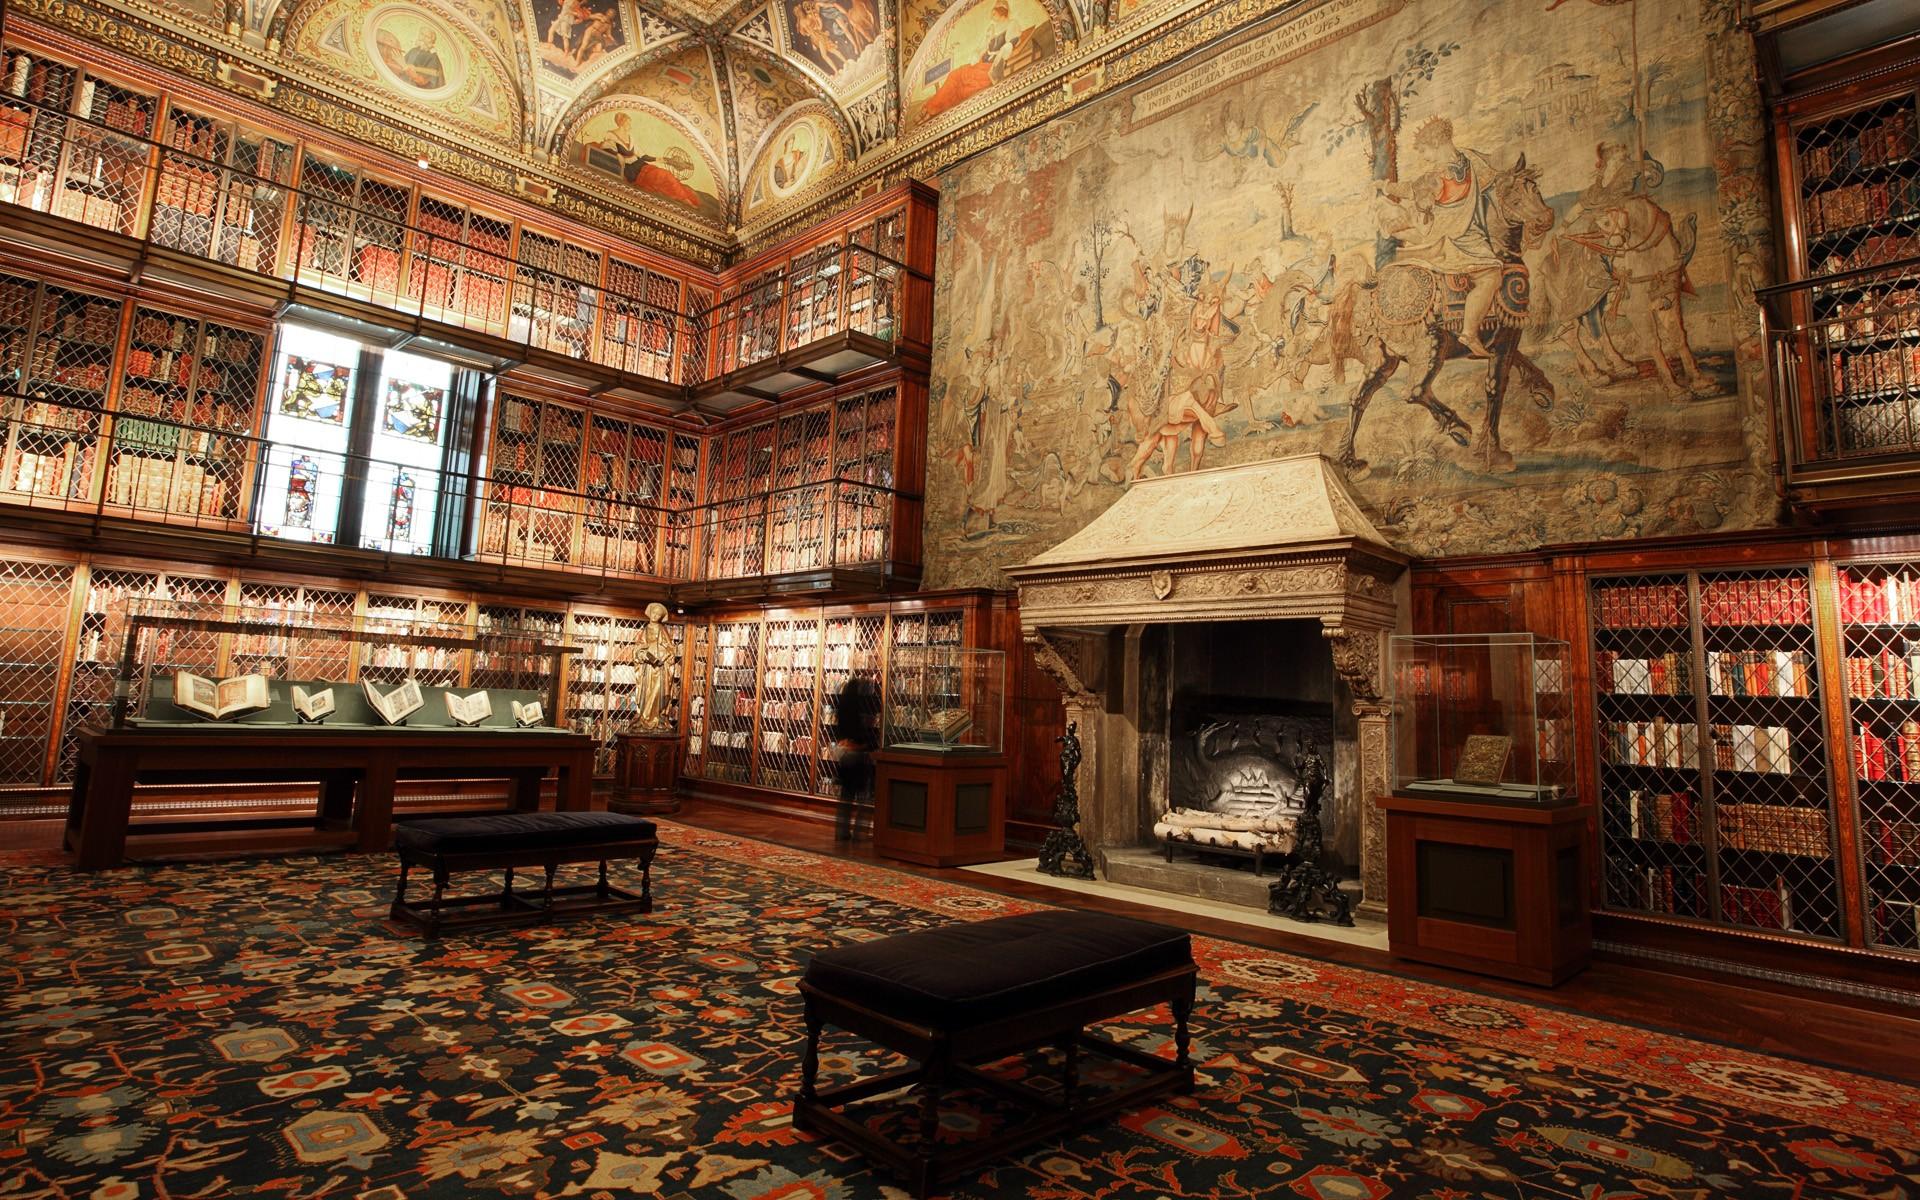 Innenarchitektur Geschichte hintergrundbilder malerei gebäude innere bücher bibliothek